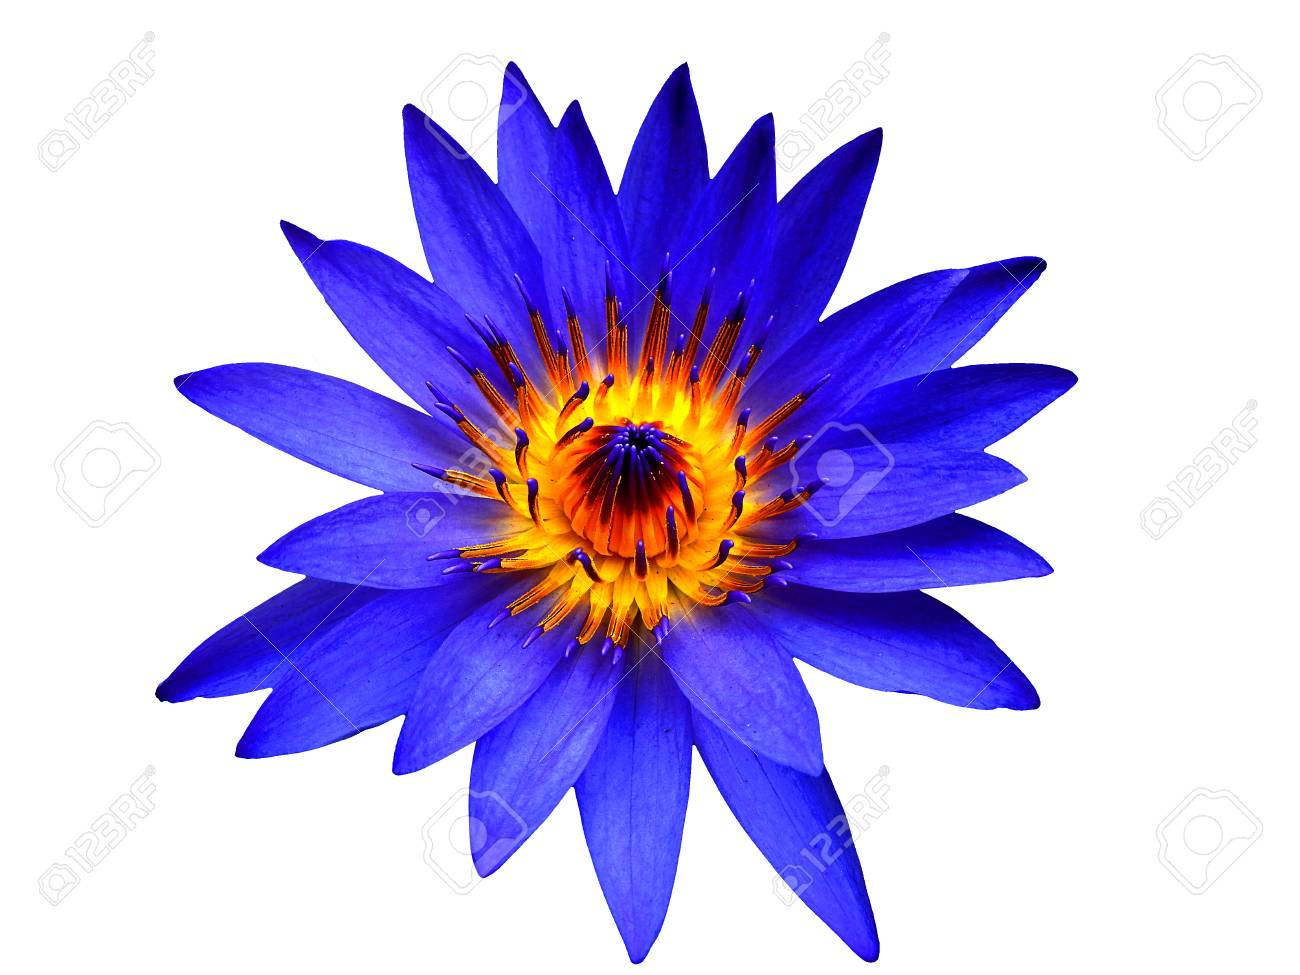 Fleur de lotus bleu fleurit sur isolé.